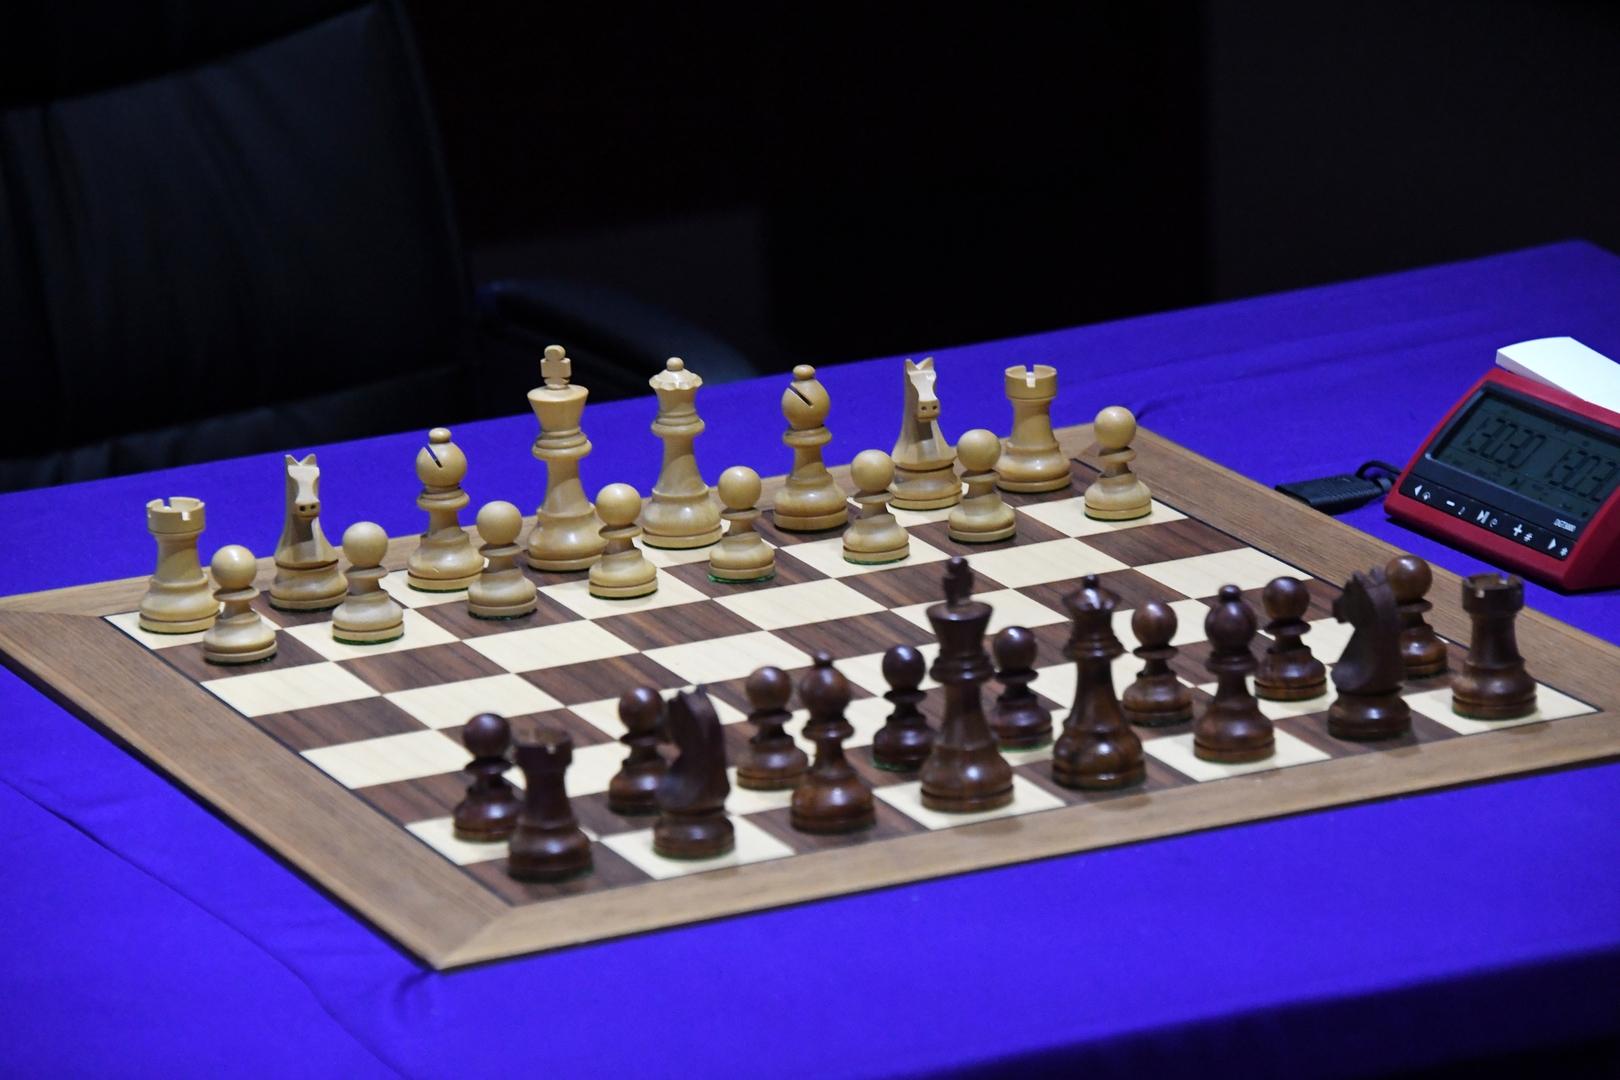 لاعب شطرنج روسي ينتقد مبادرة لتحقيق